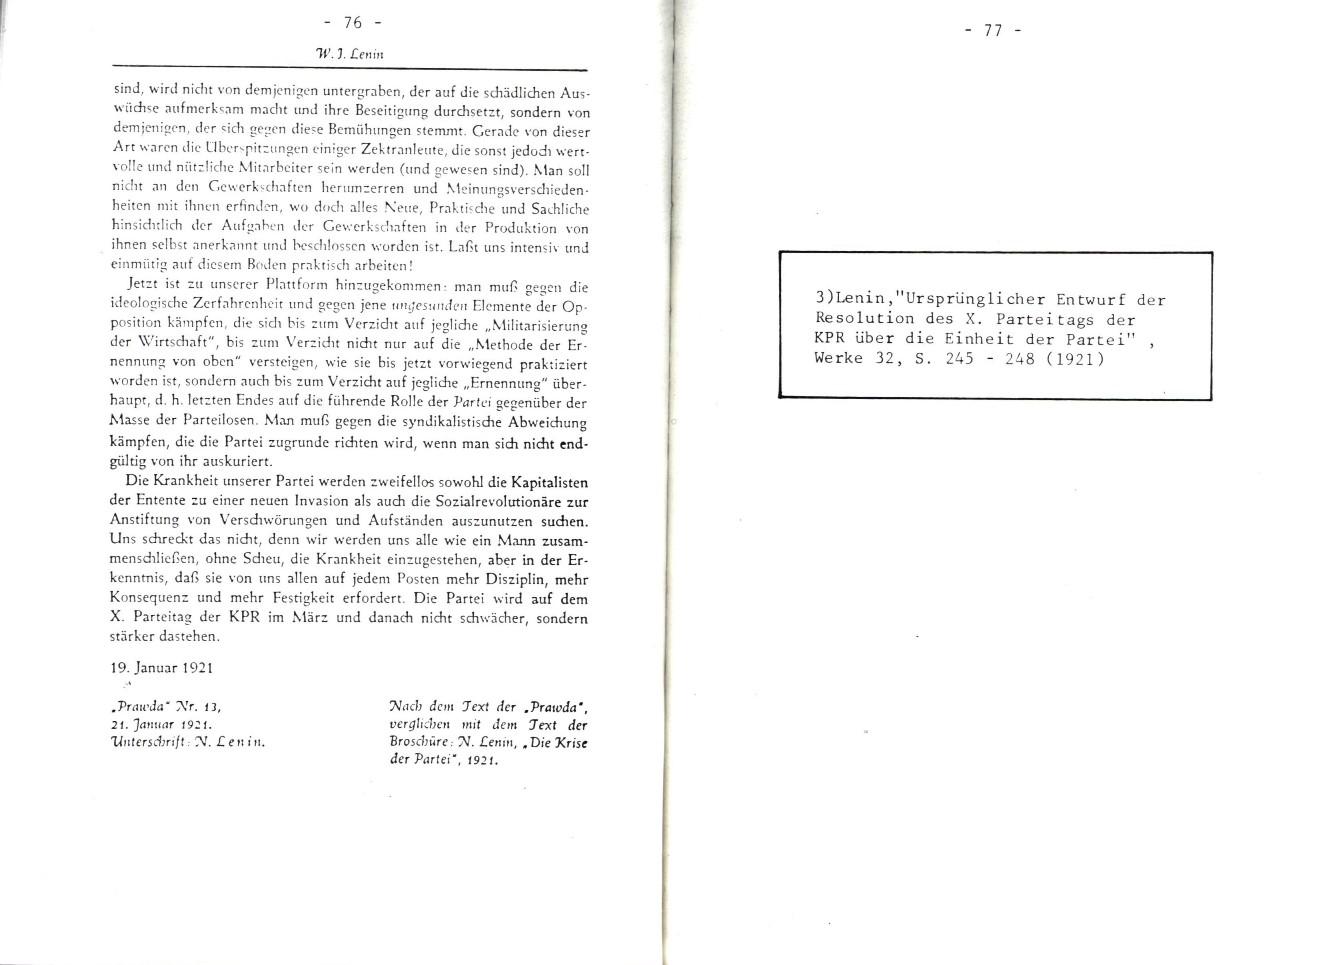 MLSK_Theorie_und_Praxis_des_ML_1979_25_39